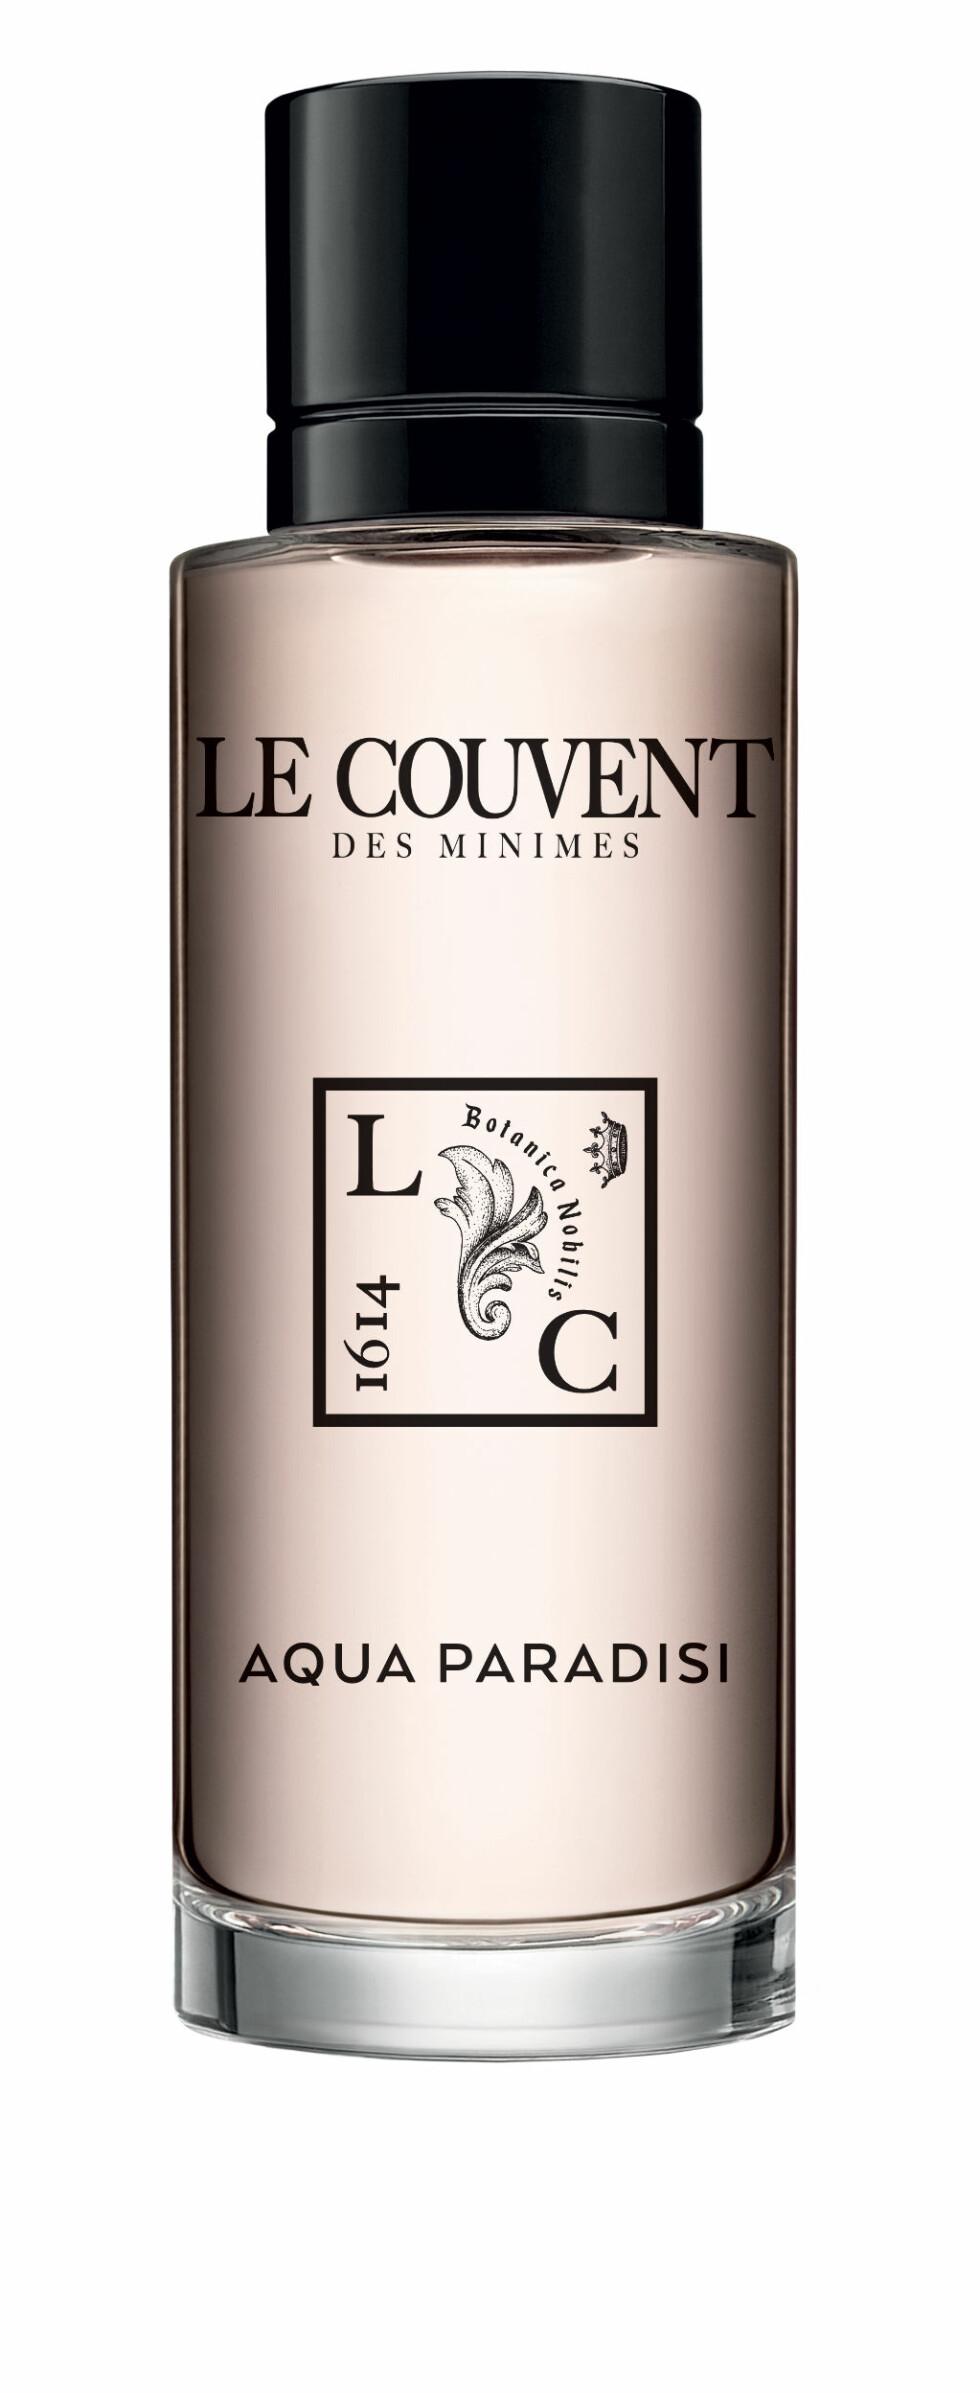 Vakker roseduft laget av parfymør som ikke liker roser (kr 950, Le Couvent des Minimes, Aqua Paradis).